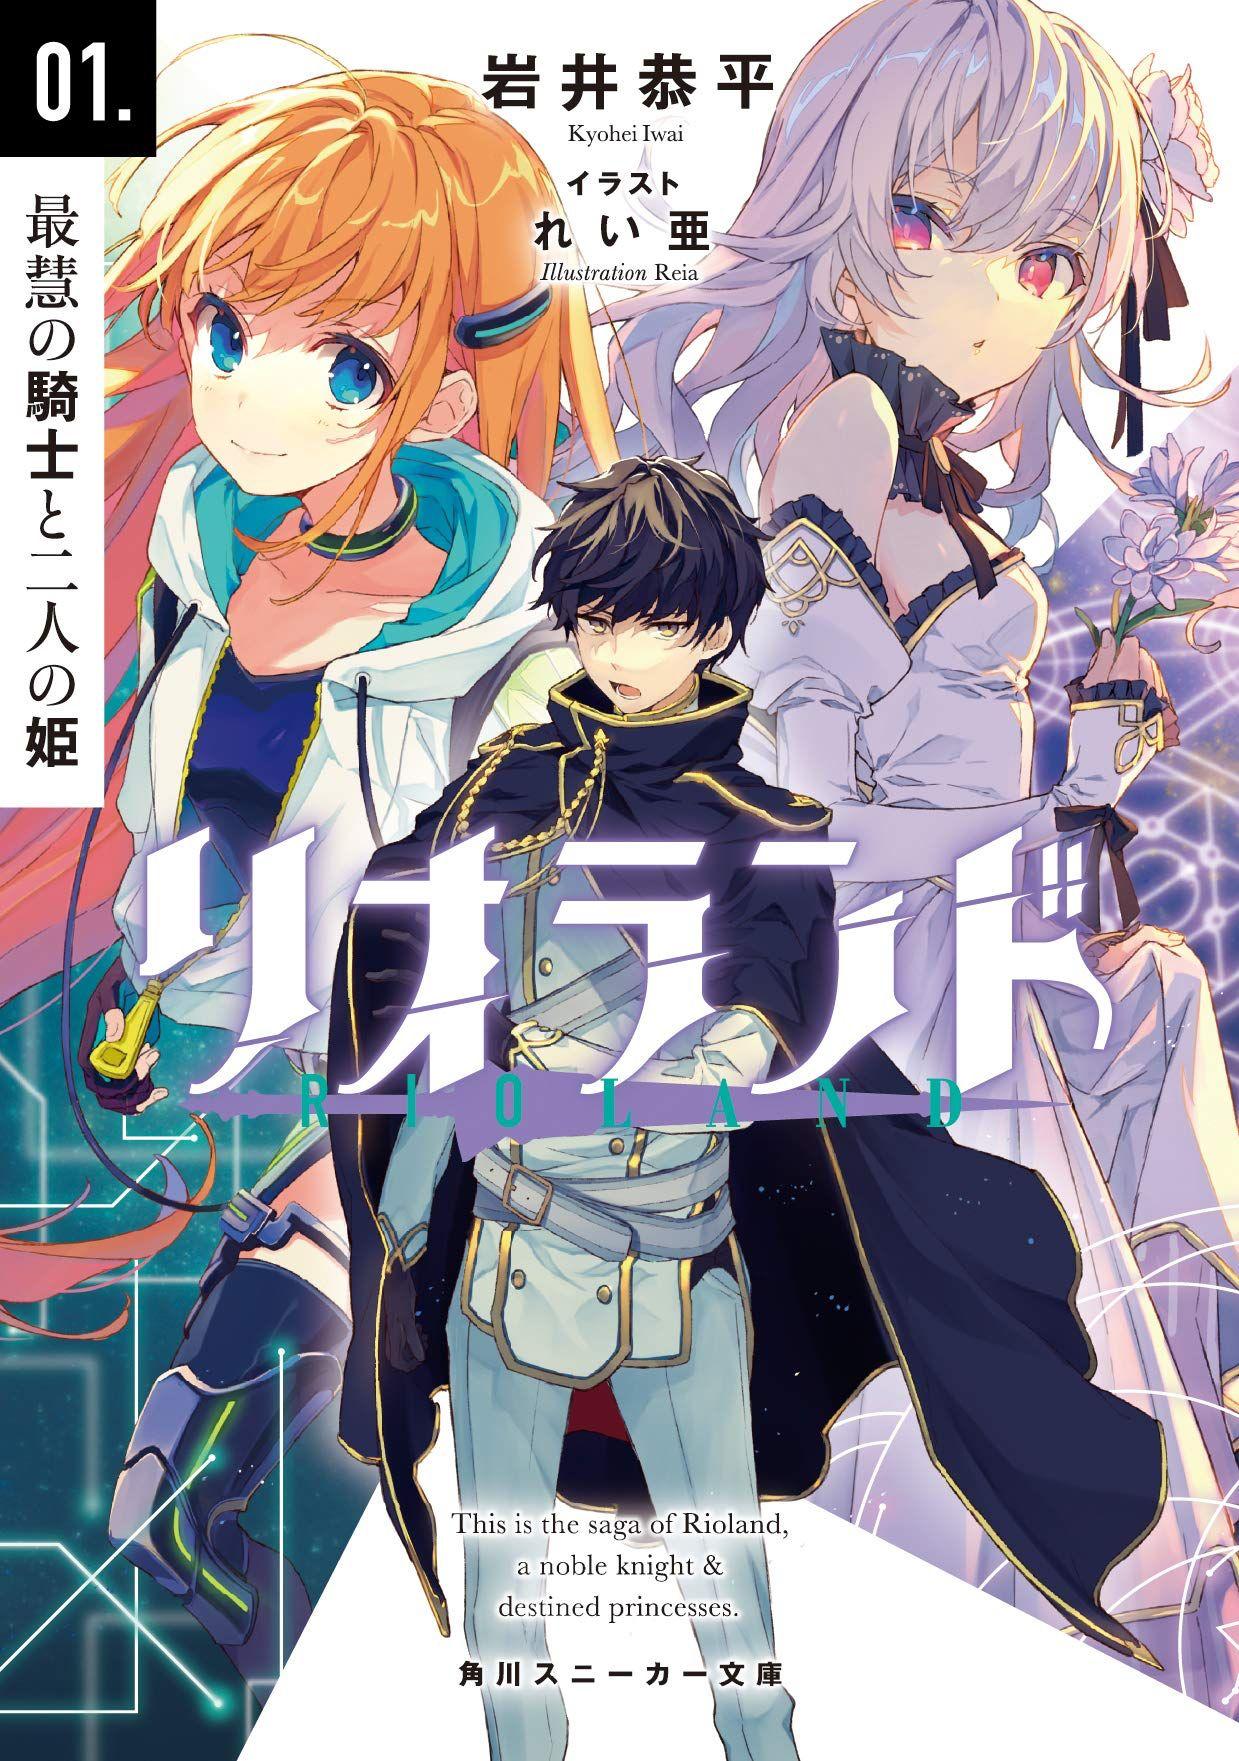 pin de d em イラストレーション anime manga anime personagens de anime